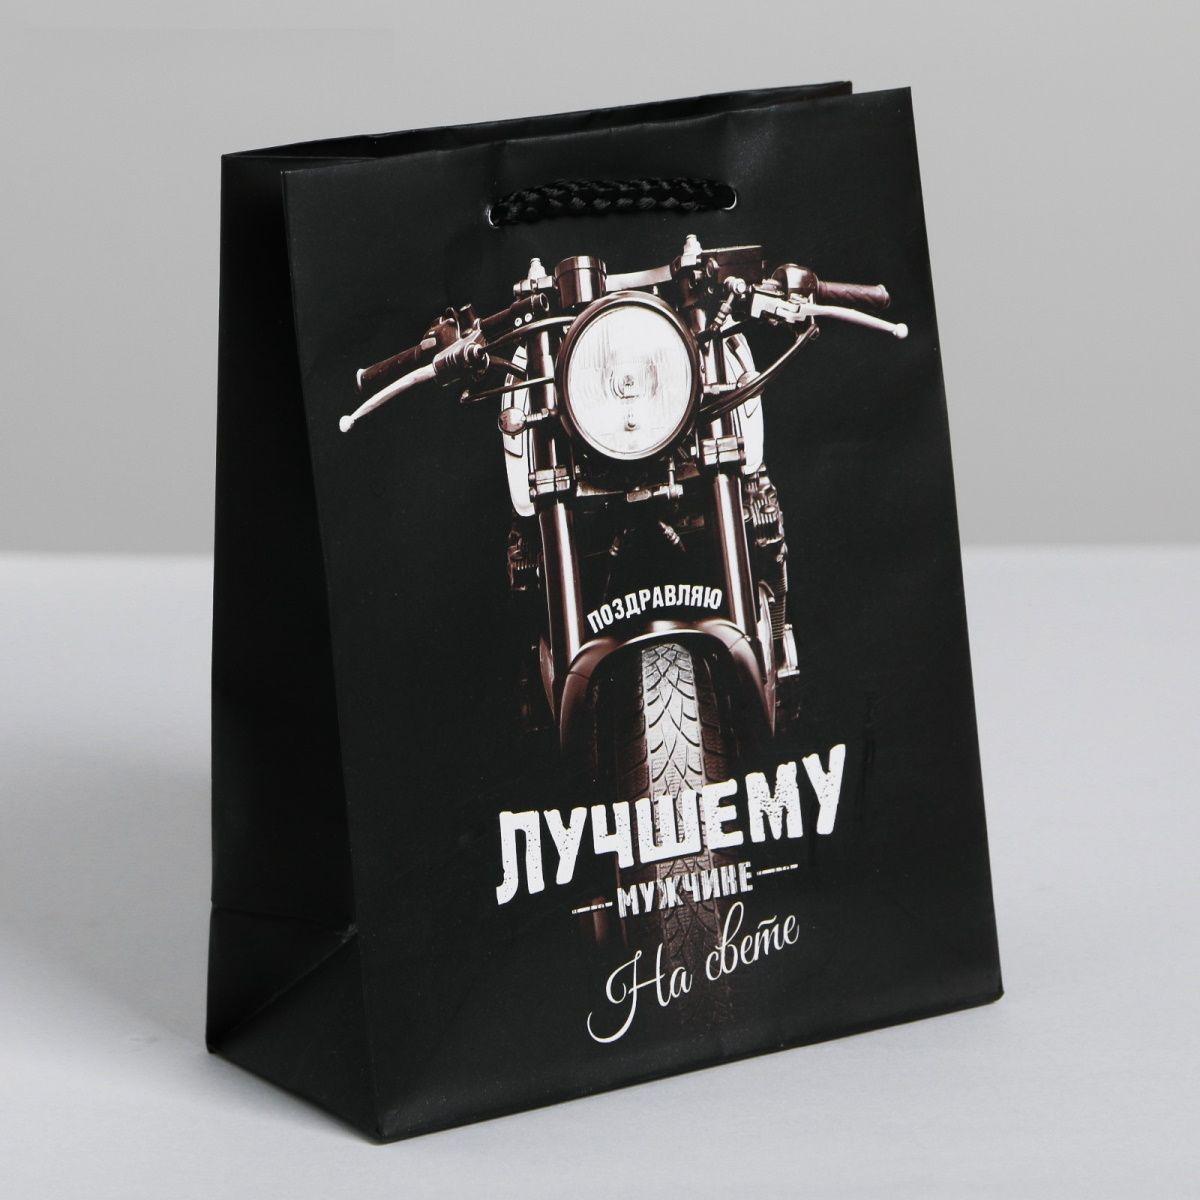 Подарочный пакет Лучшему во всем мужчине - 30 х 26 см.